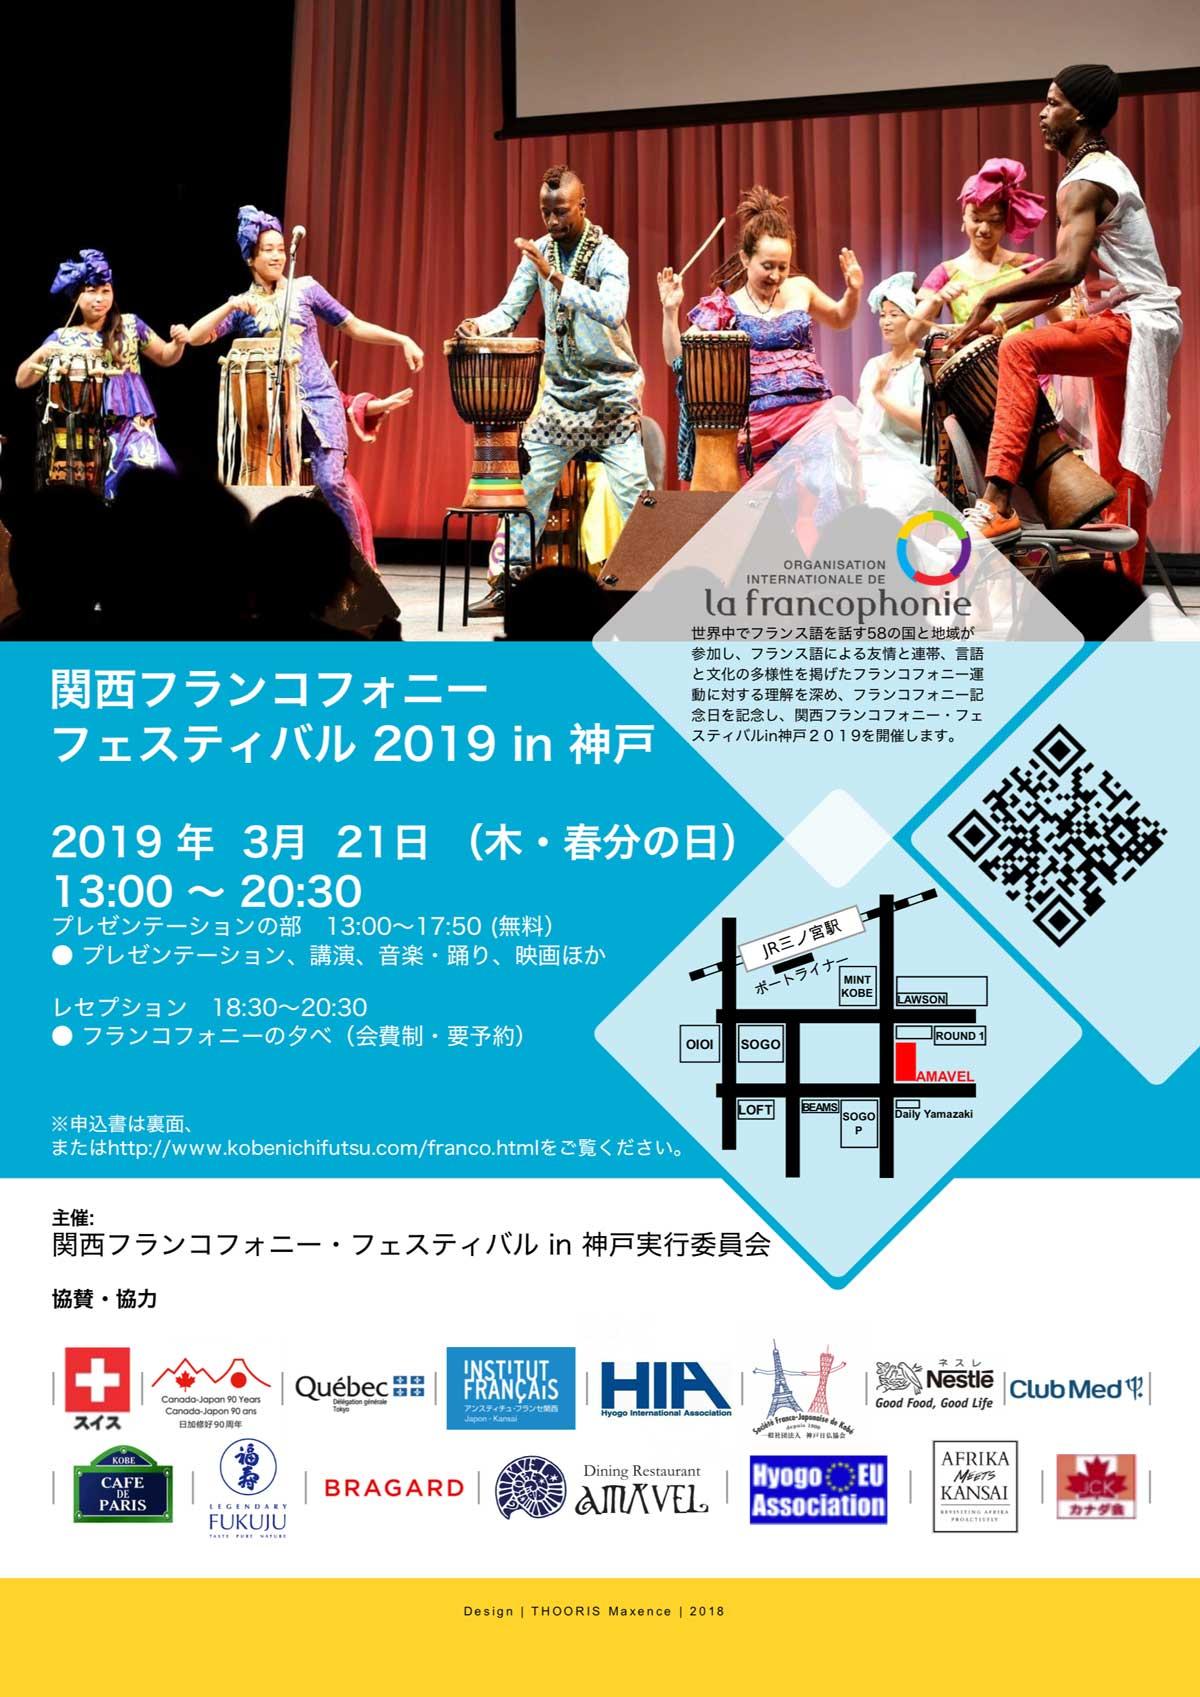 【協賛イベント】関西フランコフォニー・フェスティバル 2019 in 神戸 Festival de la Francophonie dans le Kansai 2019 à Kobe 開催